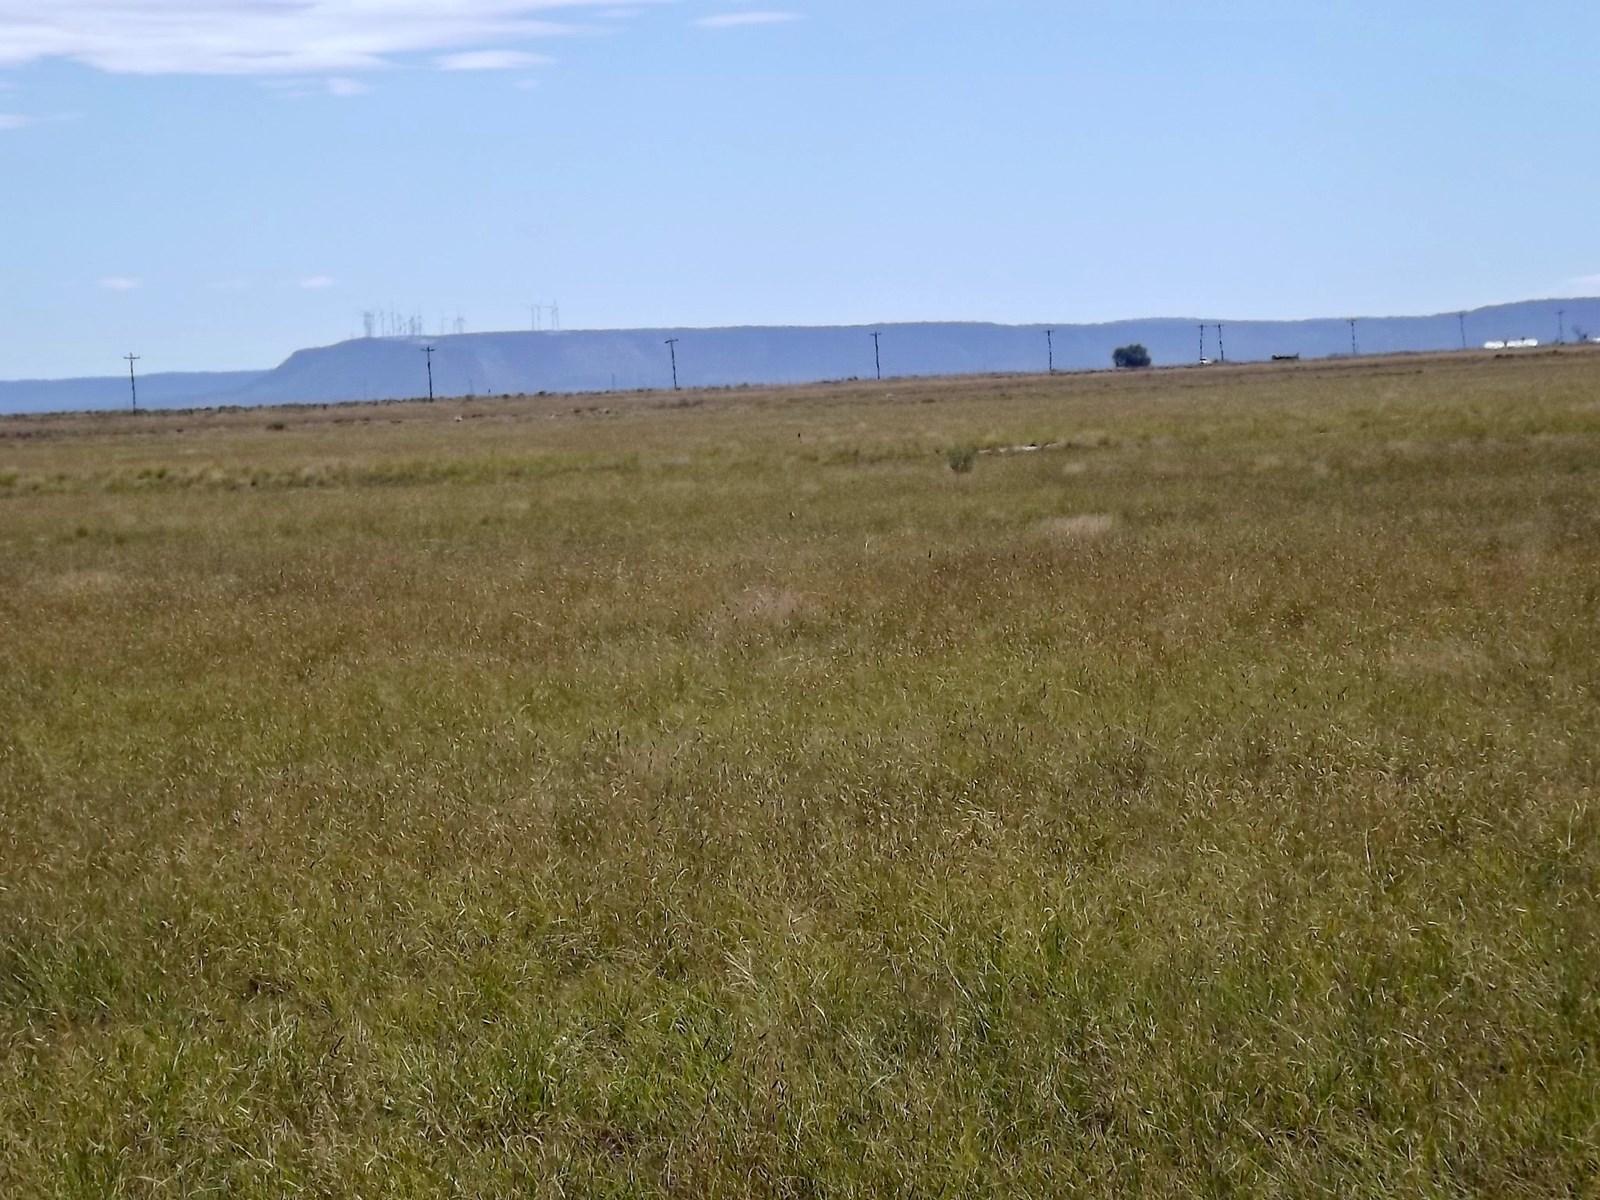 NM 904 Ac Grassland For Sale Estancia New Mexico